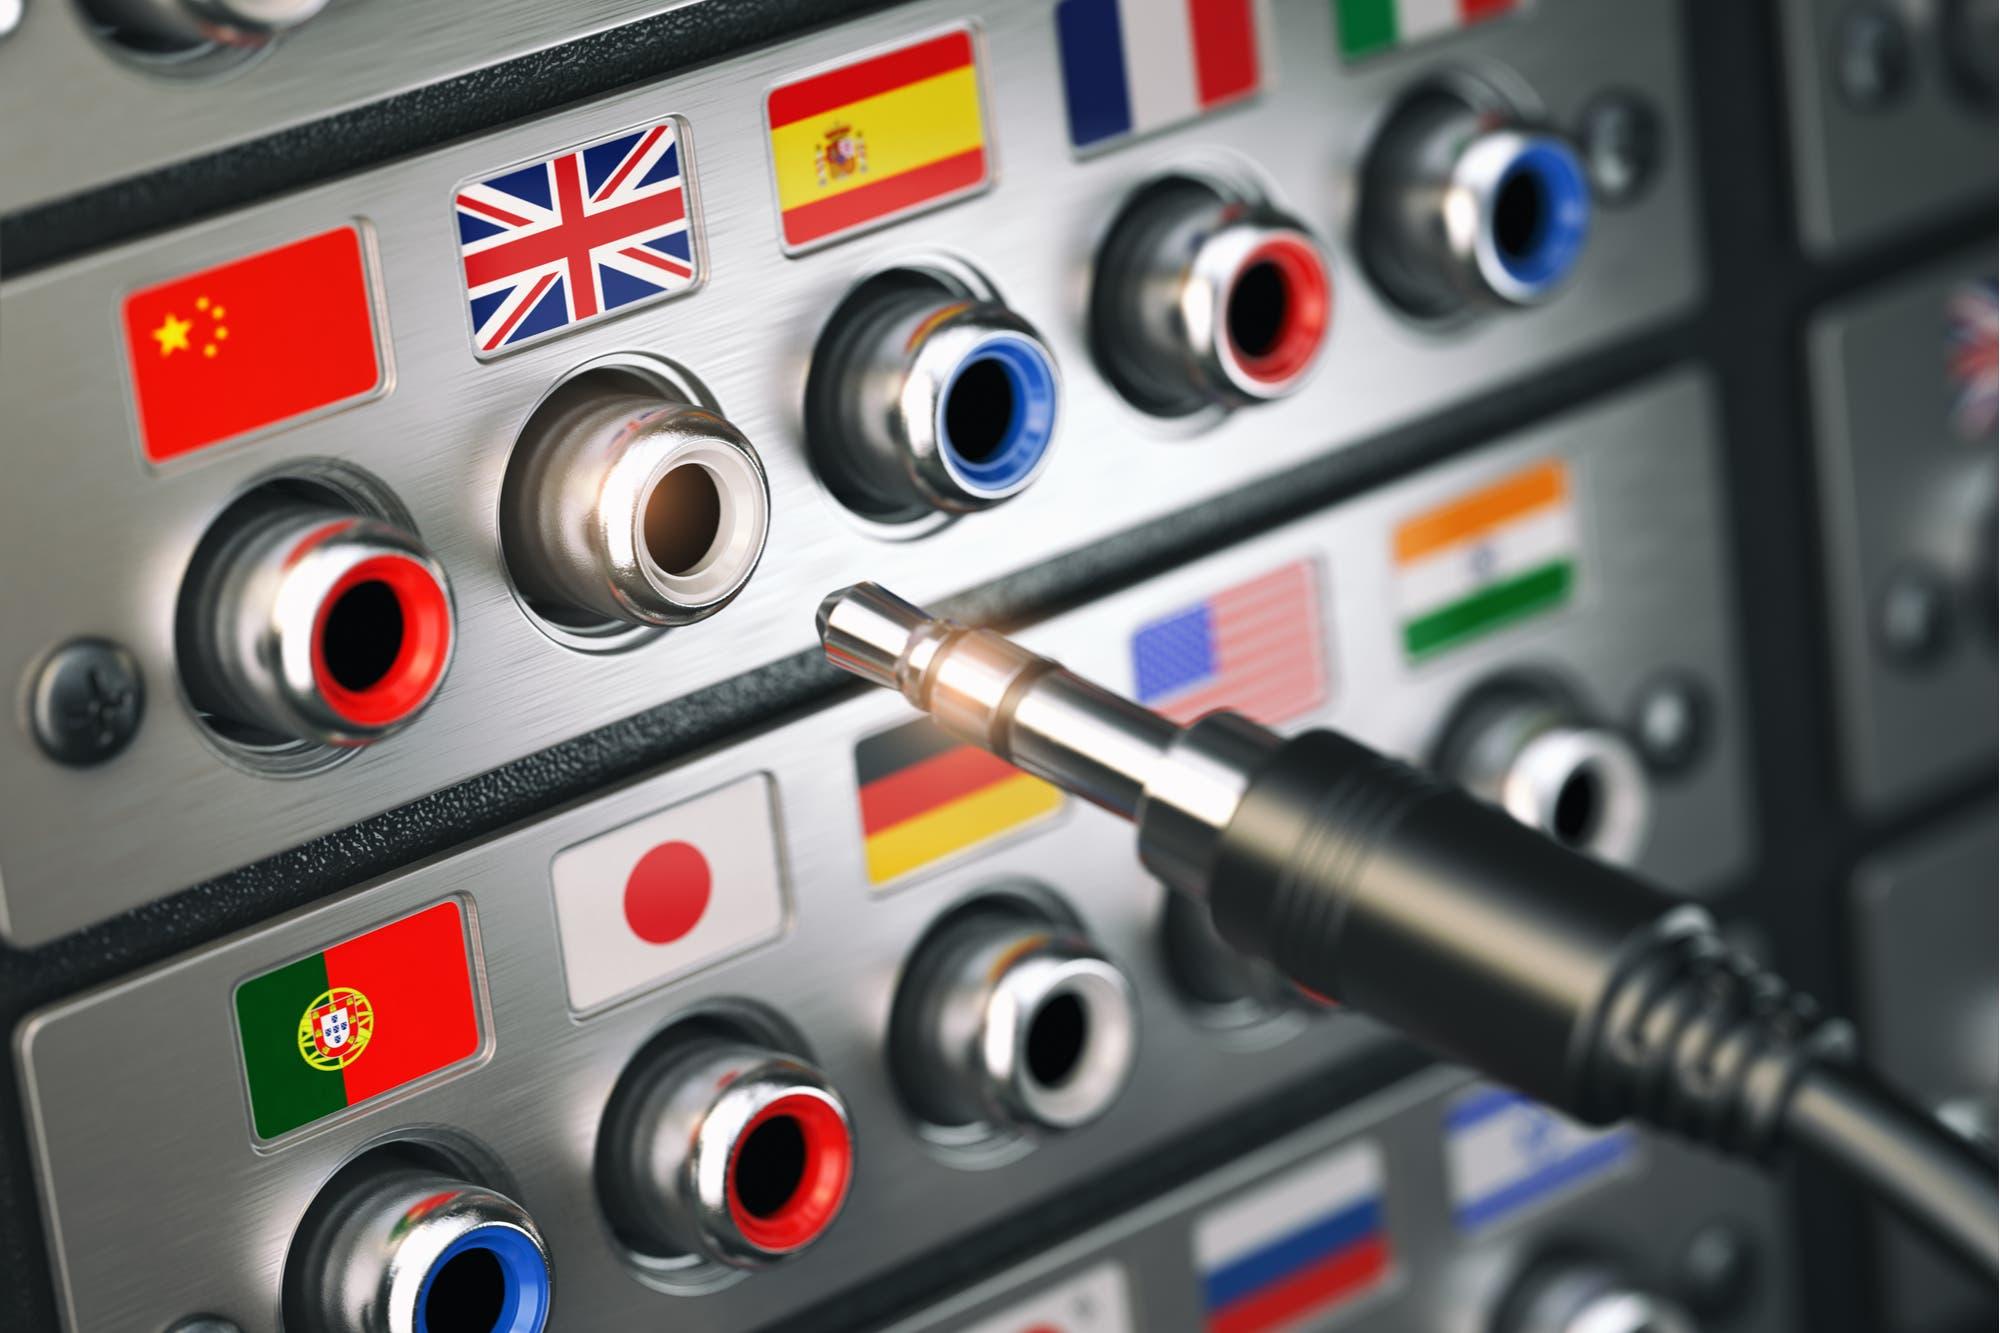 Tu próximo celular podrá hacer una traducción simultánea durante una llamada y usar tu voz en el otro idioma